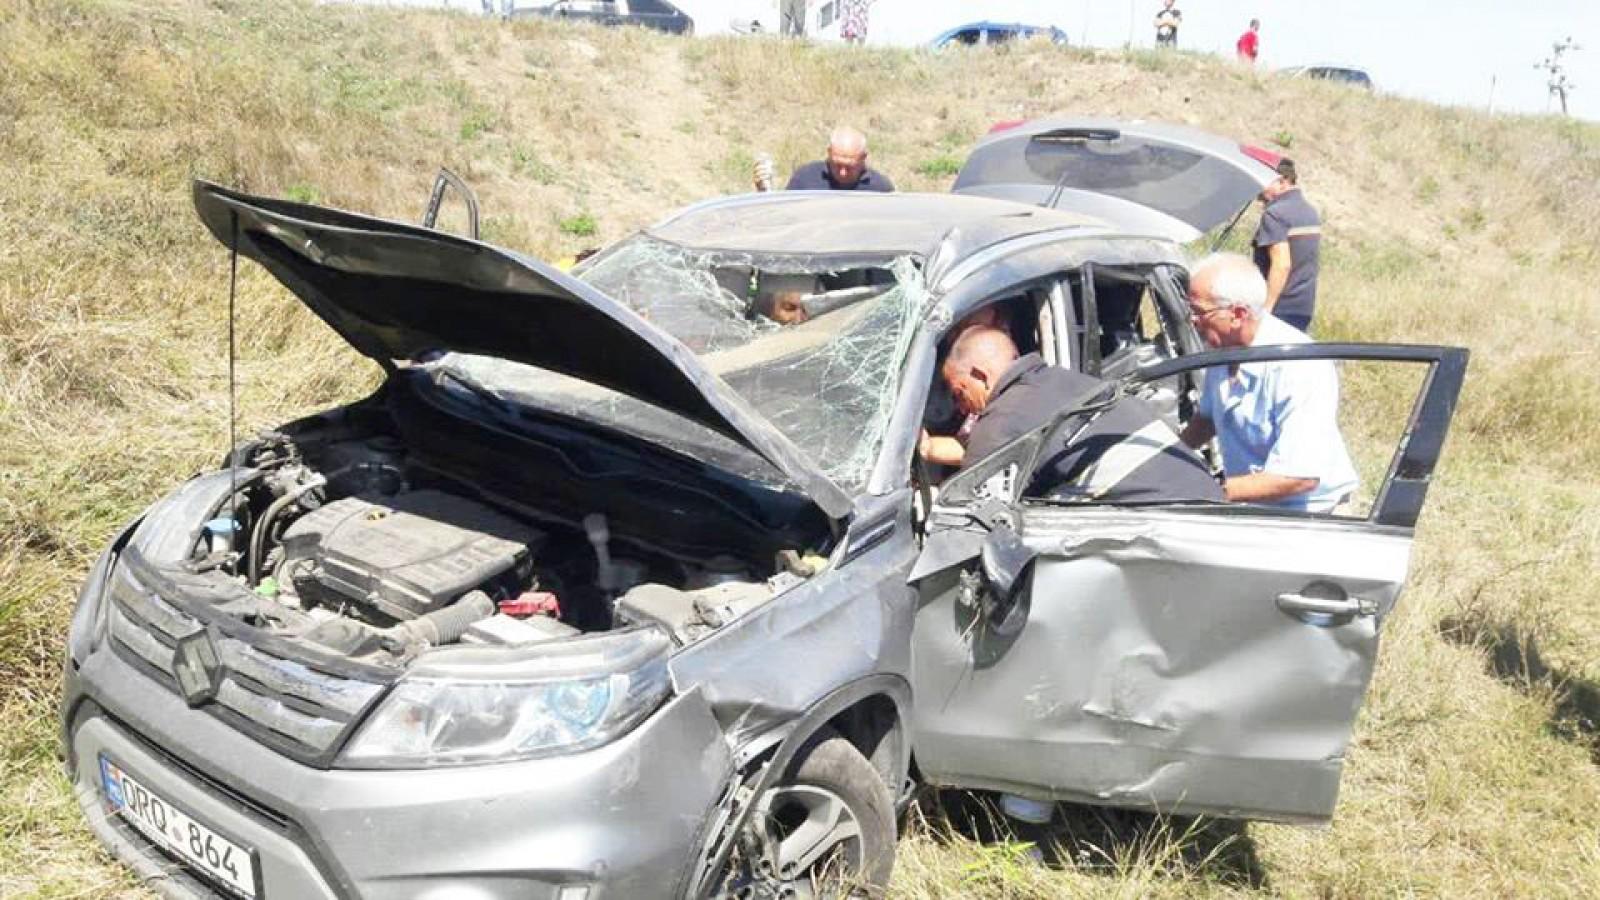 (foto) O persoană a decedat, iar altele trei au fost grav rănite după ce o mașină s-a tamponat cu o locomotivă, pe calea ferată